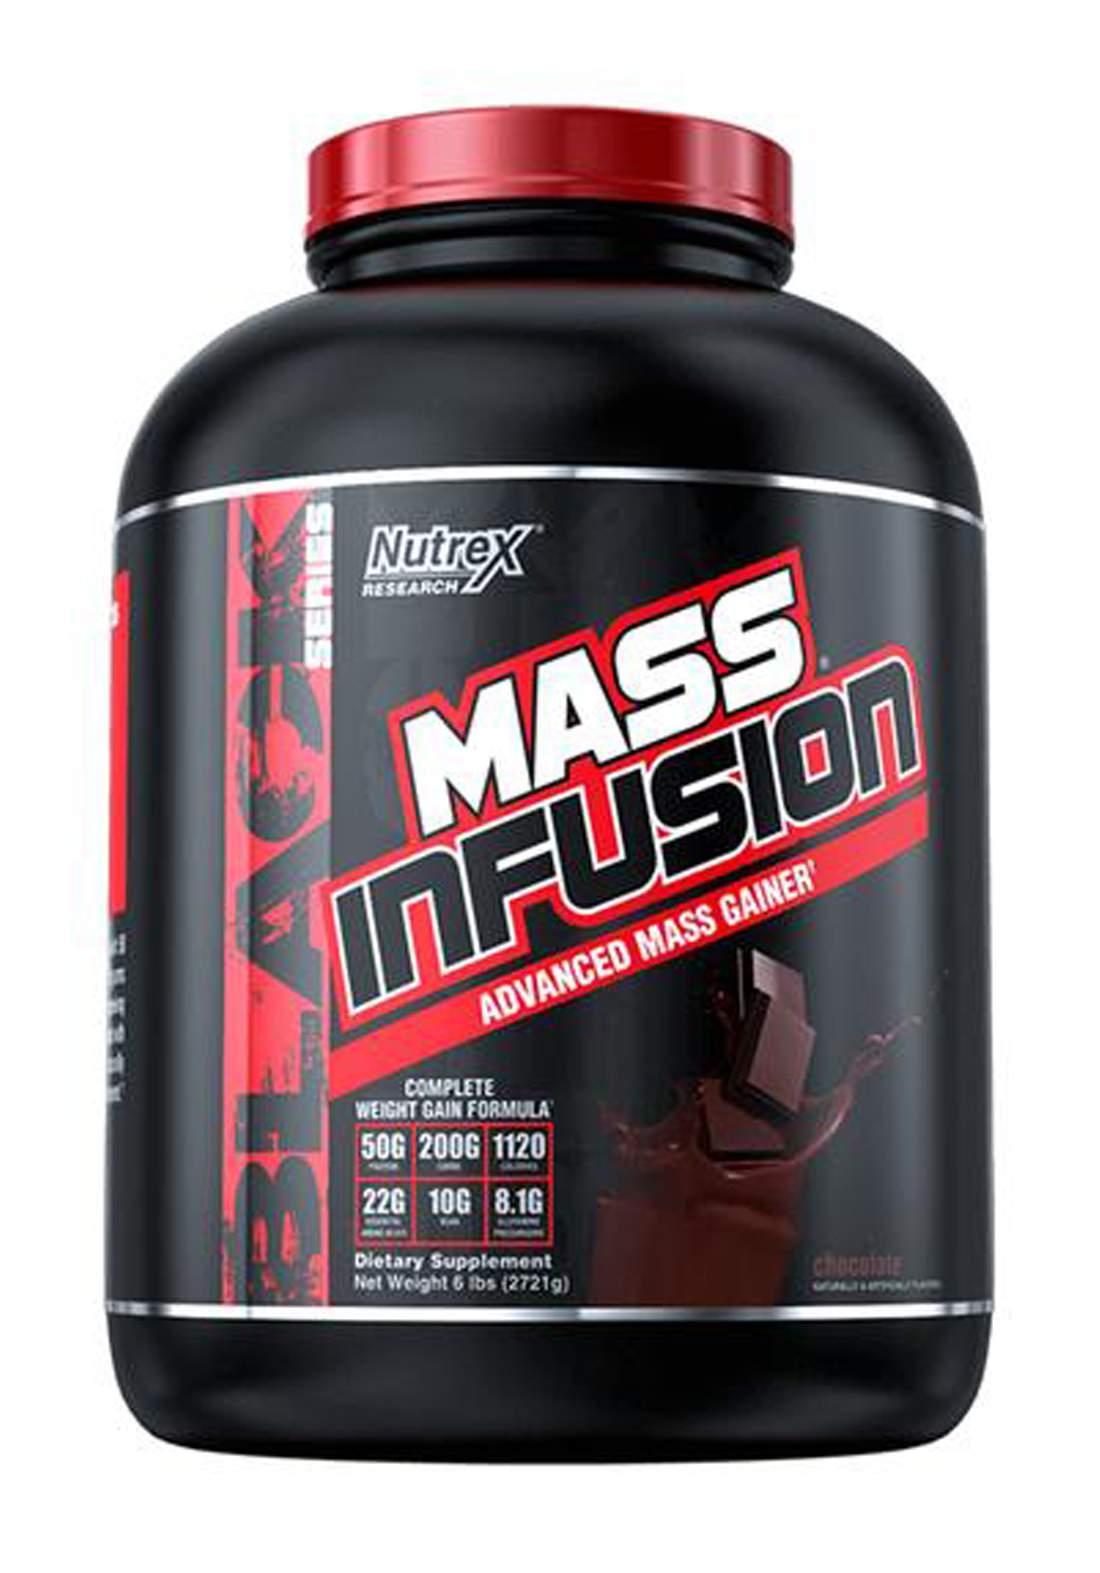 Nutrex Mass Infusion Advanced Mass Gainer - 2721 kg 6 LB 7 serving(Chocolate) Can مسحوق بروتين لزيادة الوزن